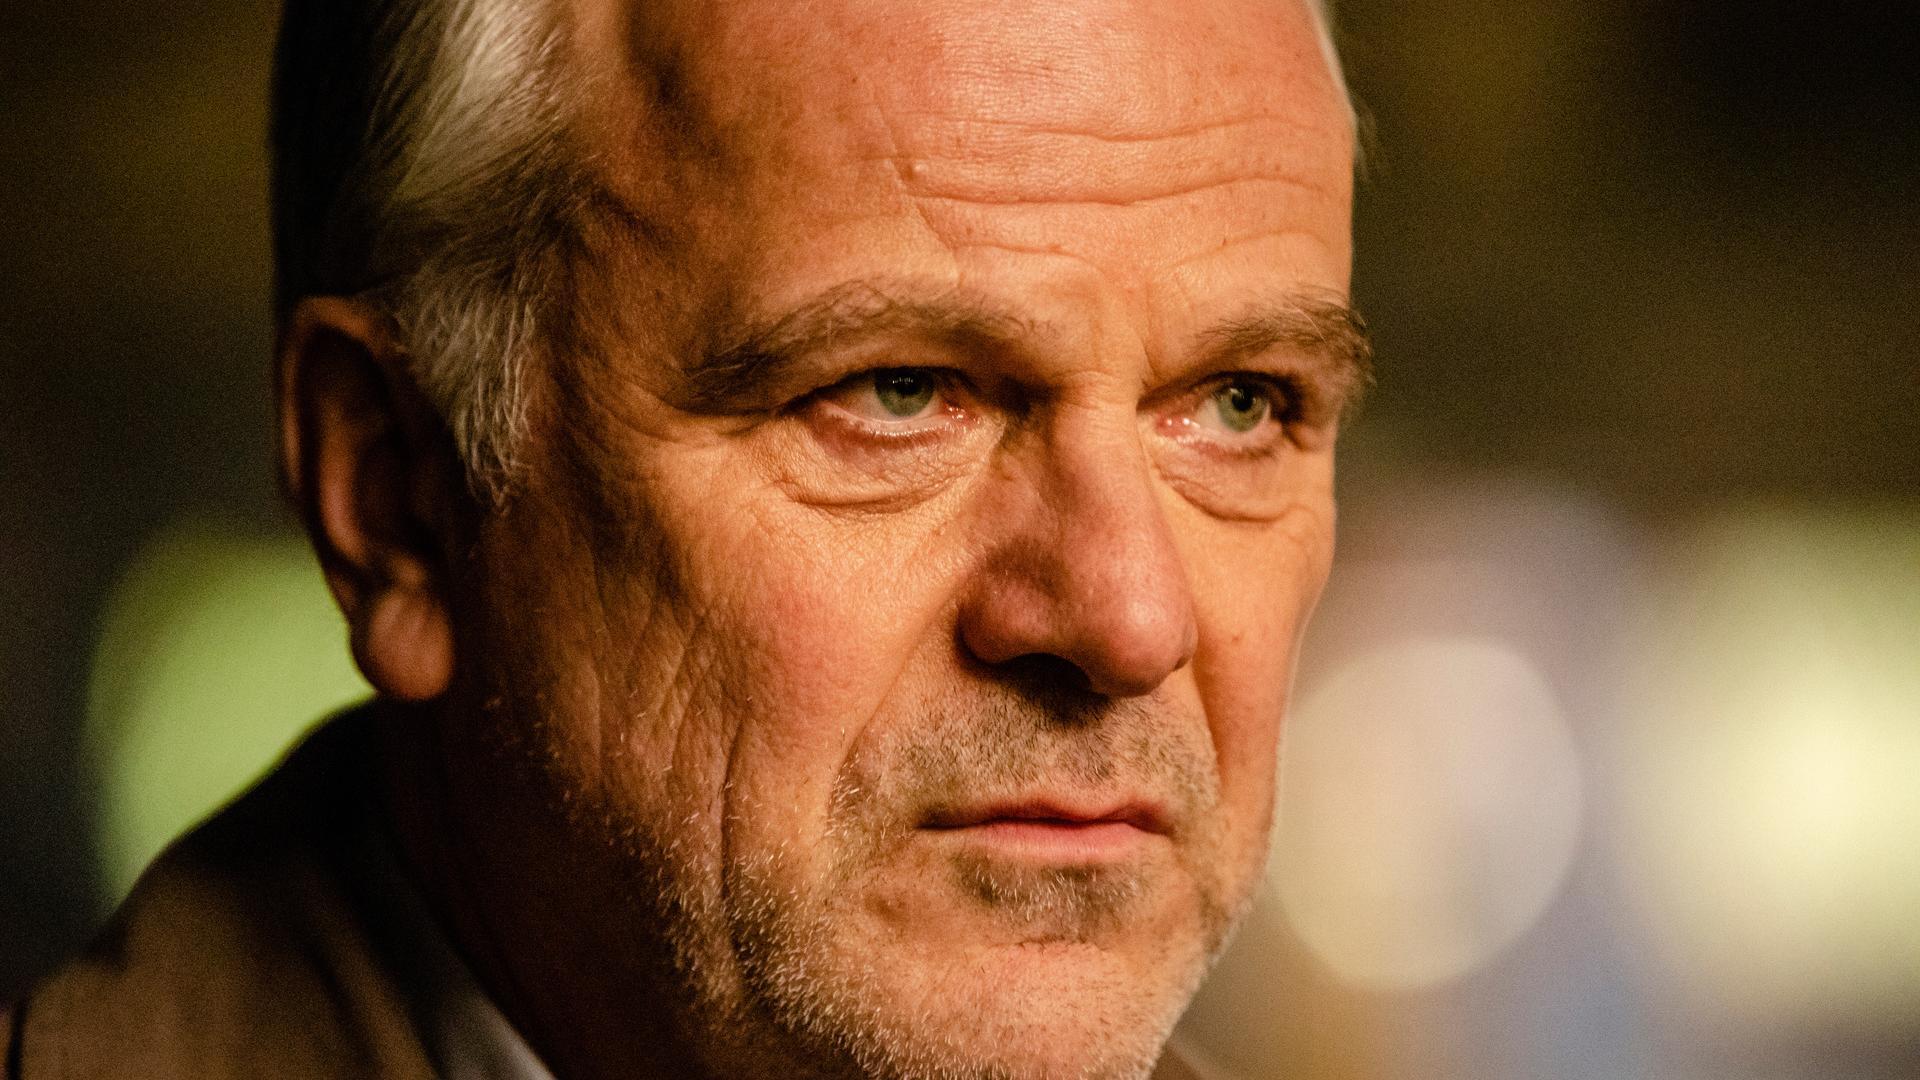 Bernhard Schütz in Unersetzlich (2019)